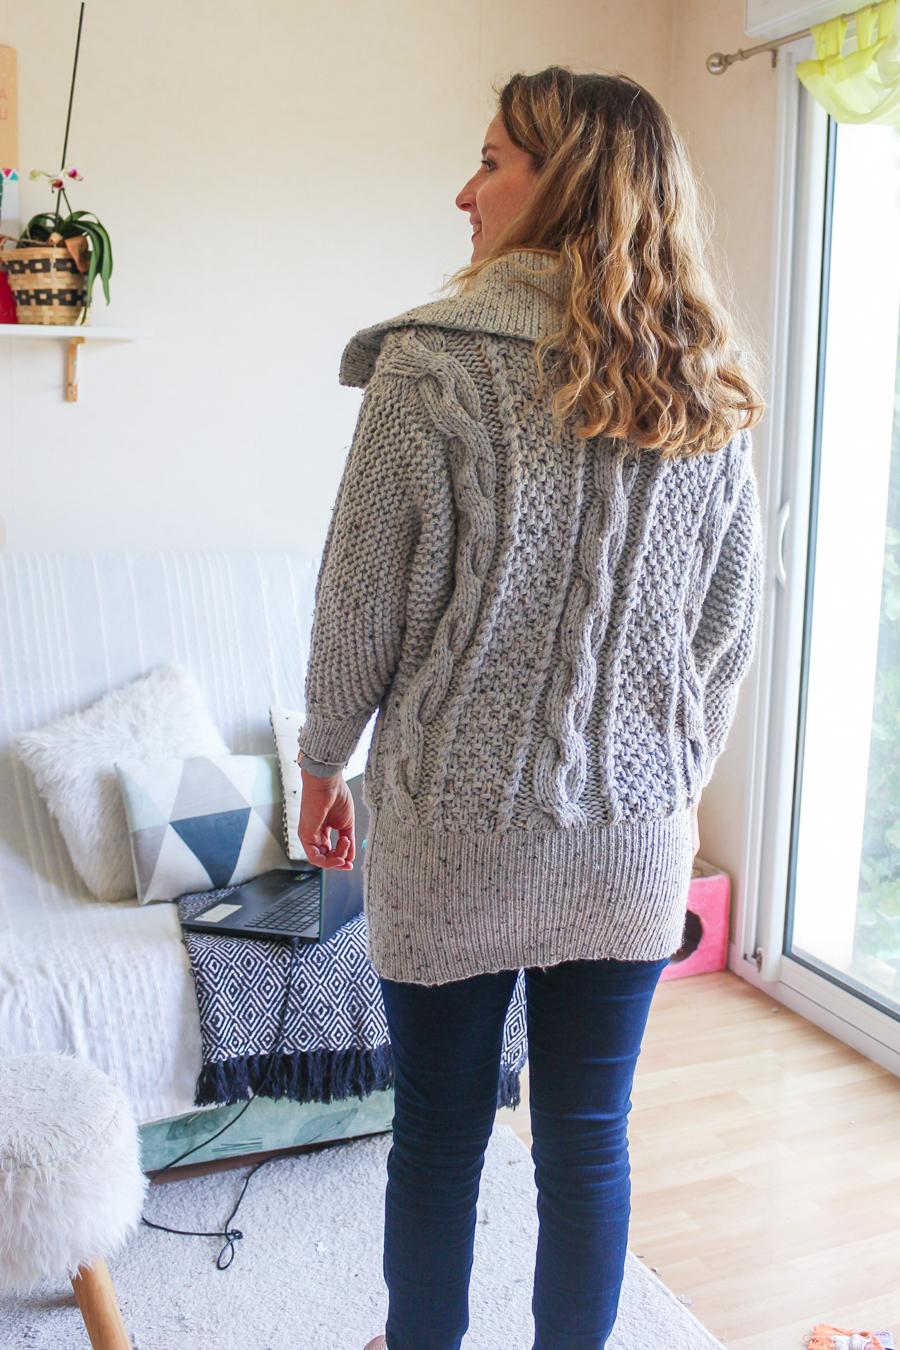 Dos du gilet gris chiné tricoté par mamzellessaye. Modèle de chez cheval blanc.